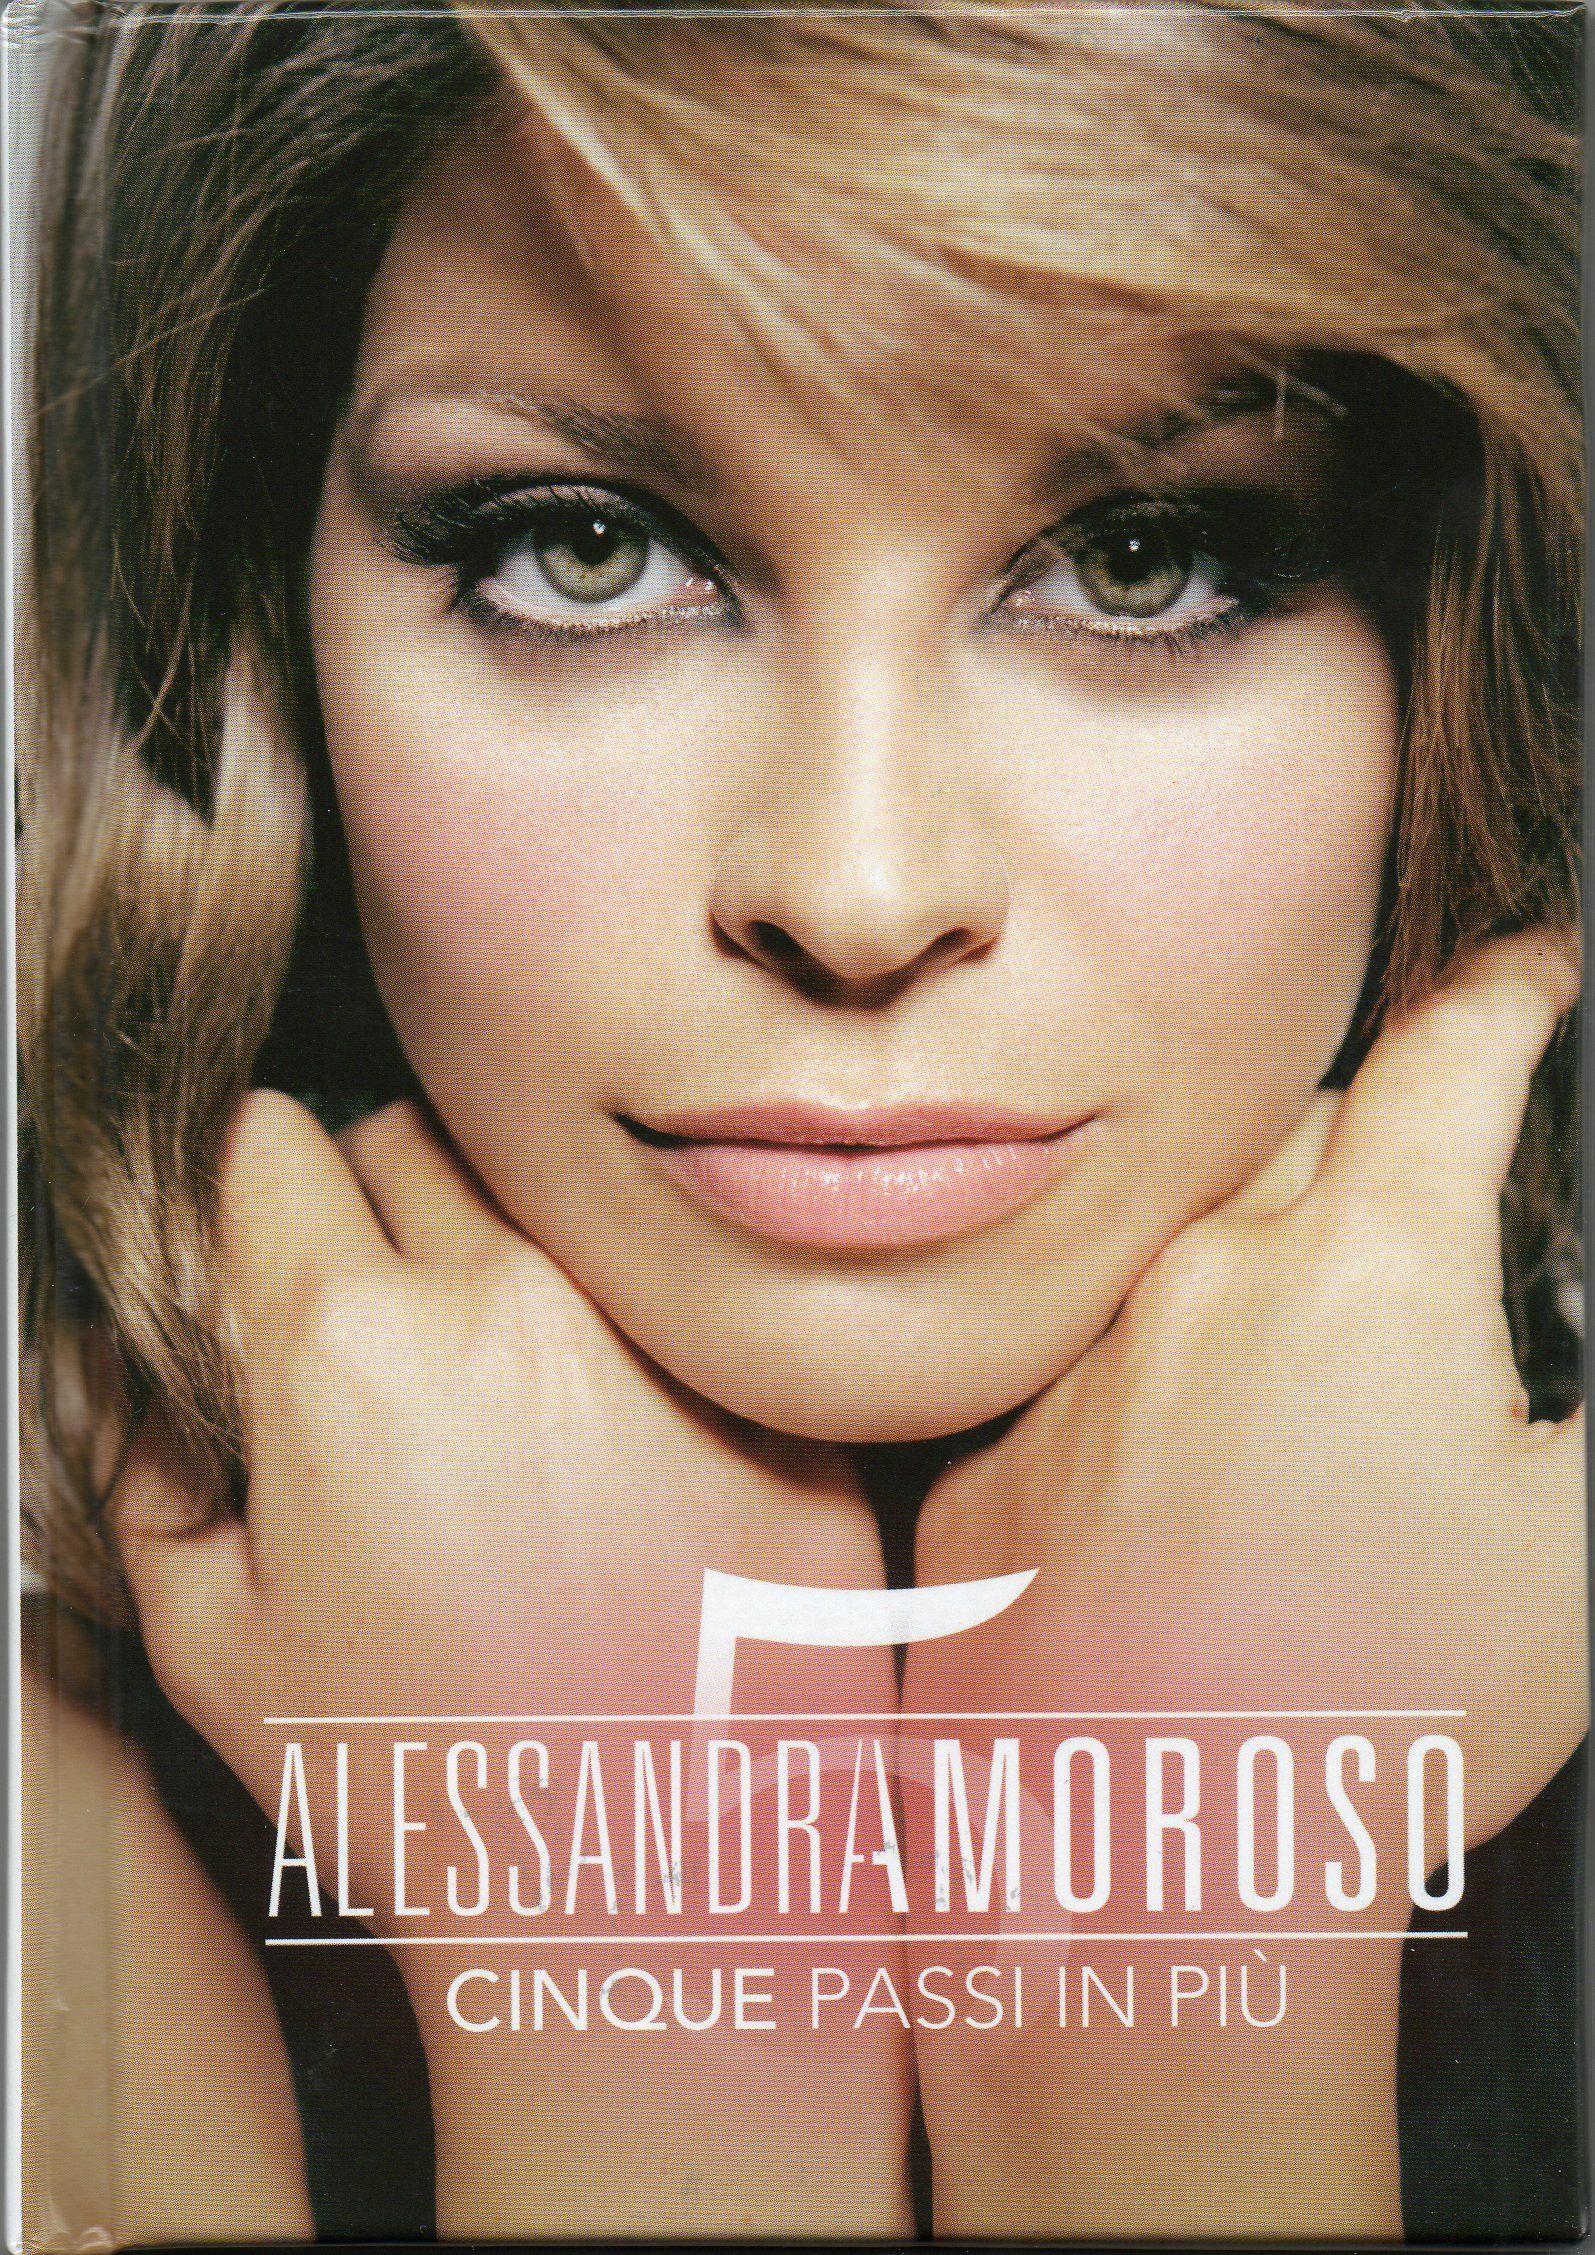 Alessandra Amoroso - Cinque Passi In Piu' album cover